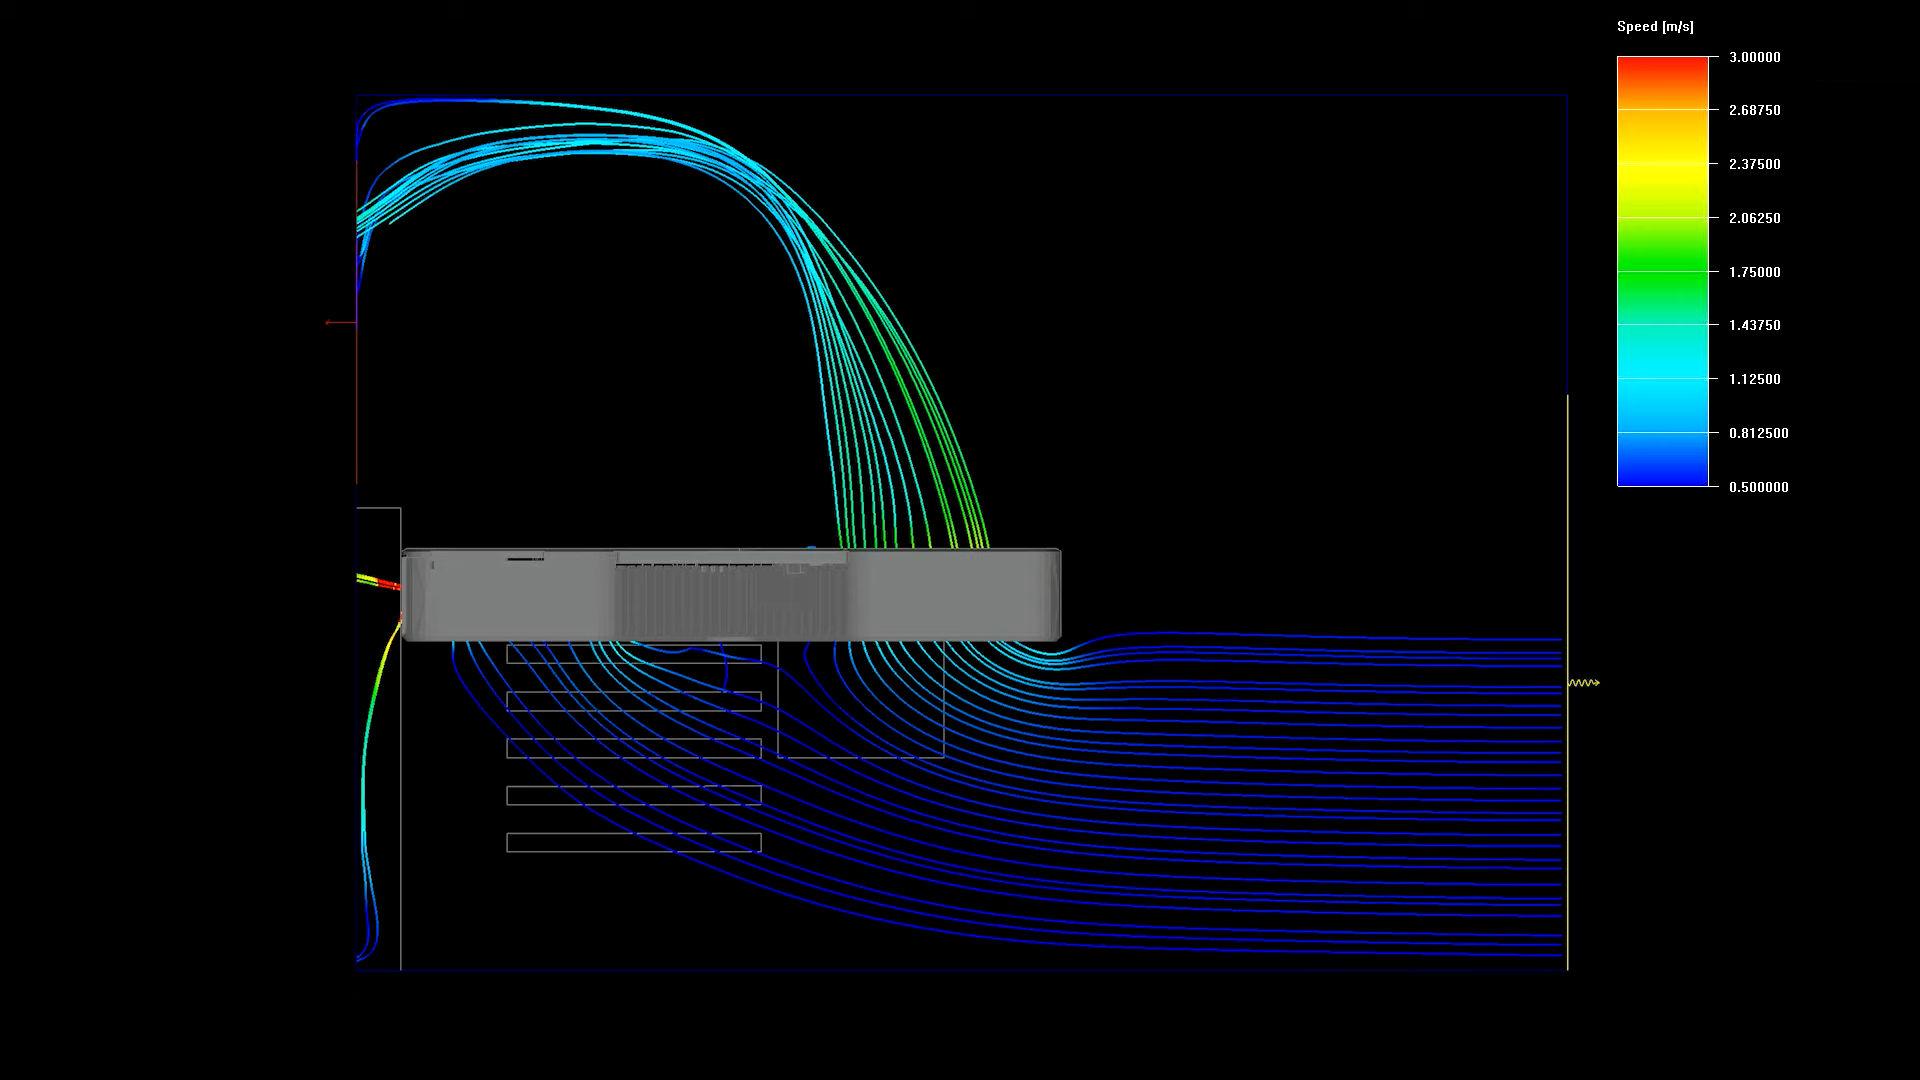 NVIDIA nos deja un primer vistazo a las RTX 30 y confirma tanto PCB irregular como el conector de 12 pines 30